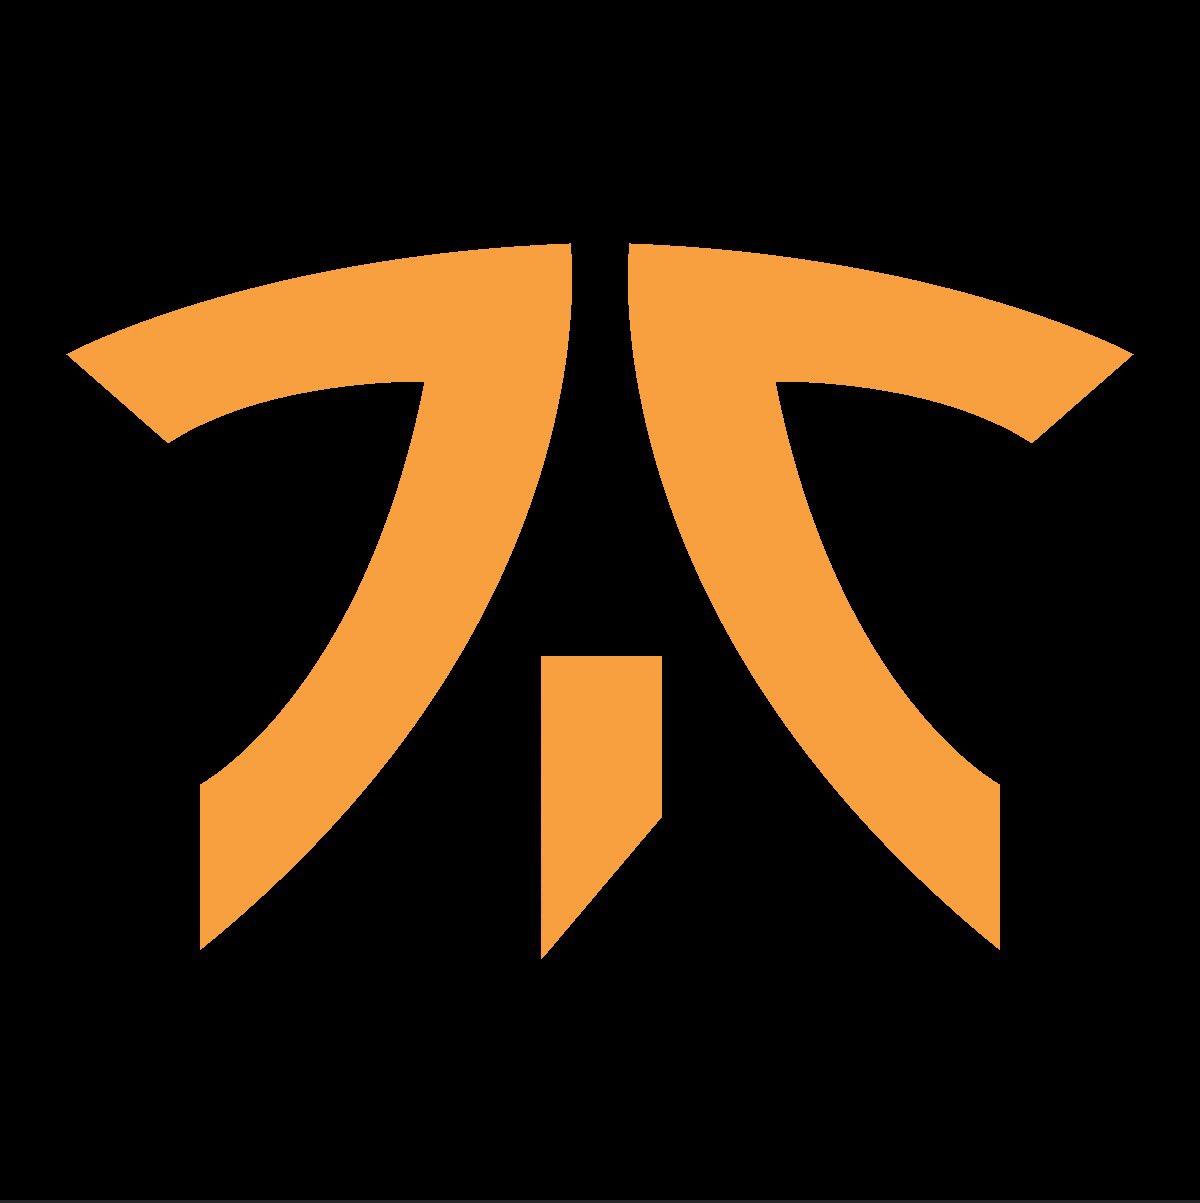 Известный киберспортивный клуб провел ребрендинг логотипа и формы. Фанаты — в восторге! | Канобу - Изображение 13284